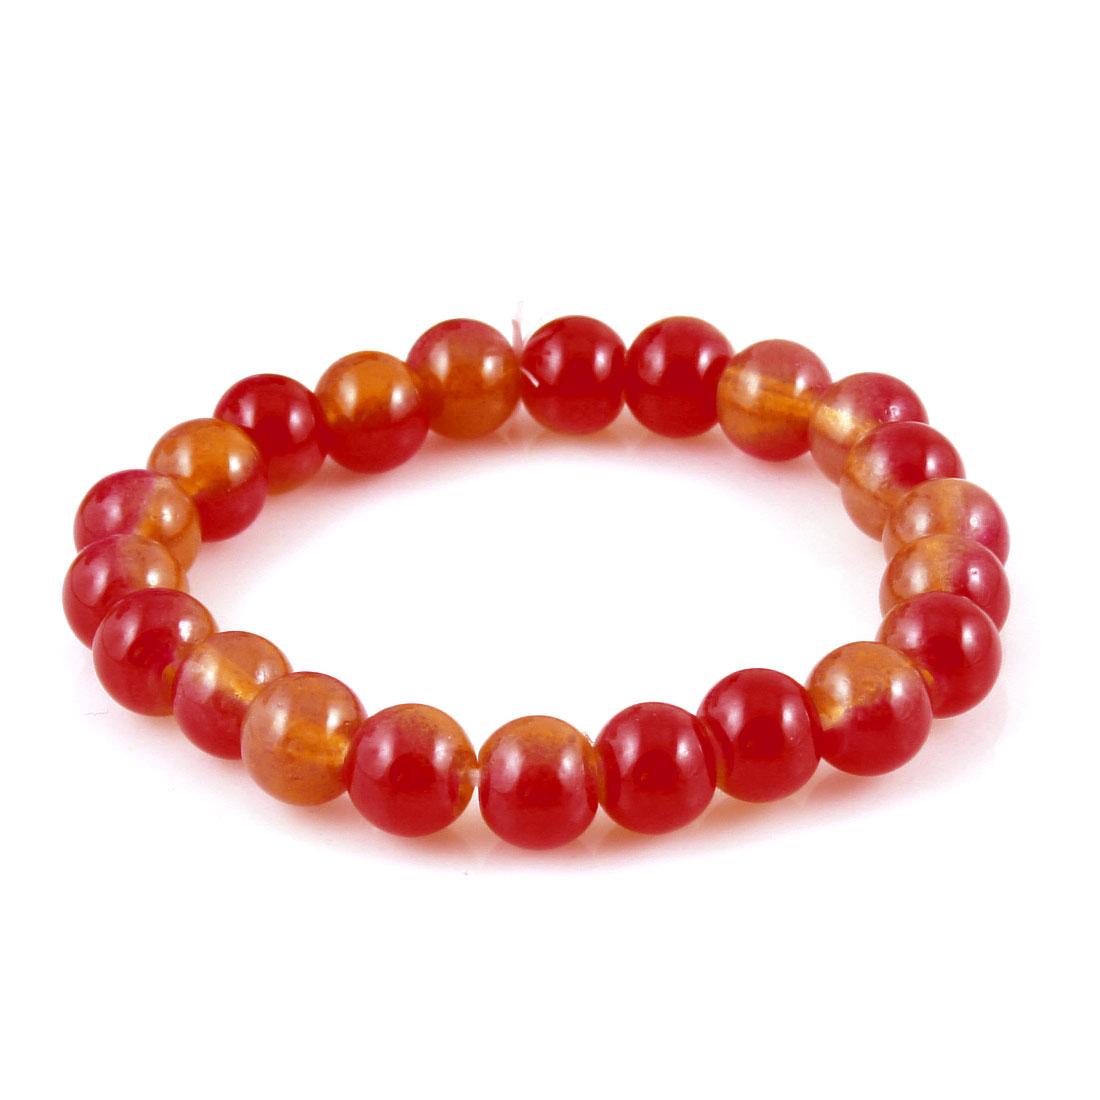 Orange Red Glass 22 Beads Elastic Bracelet Bangle for Women